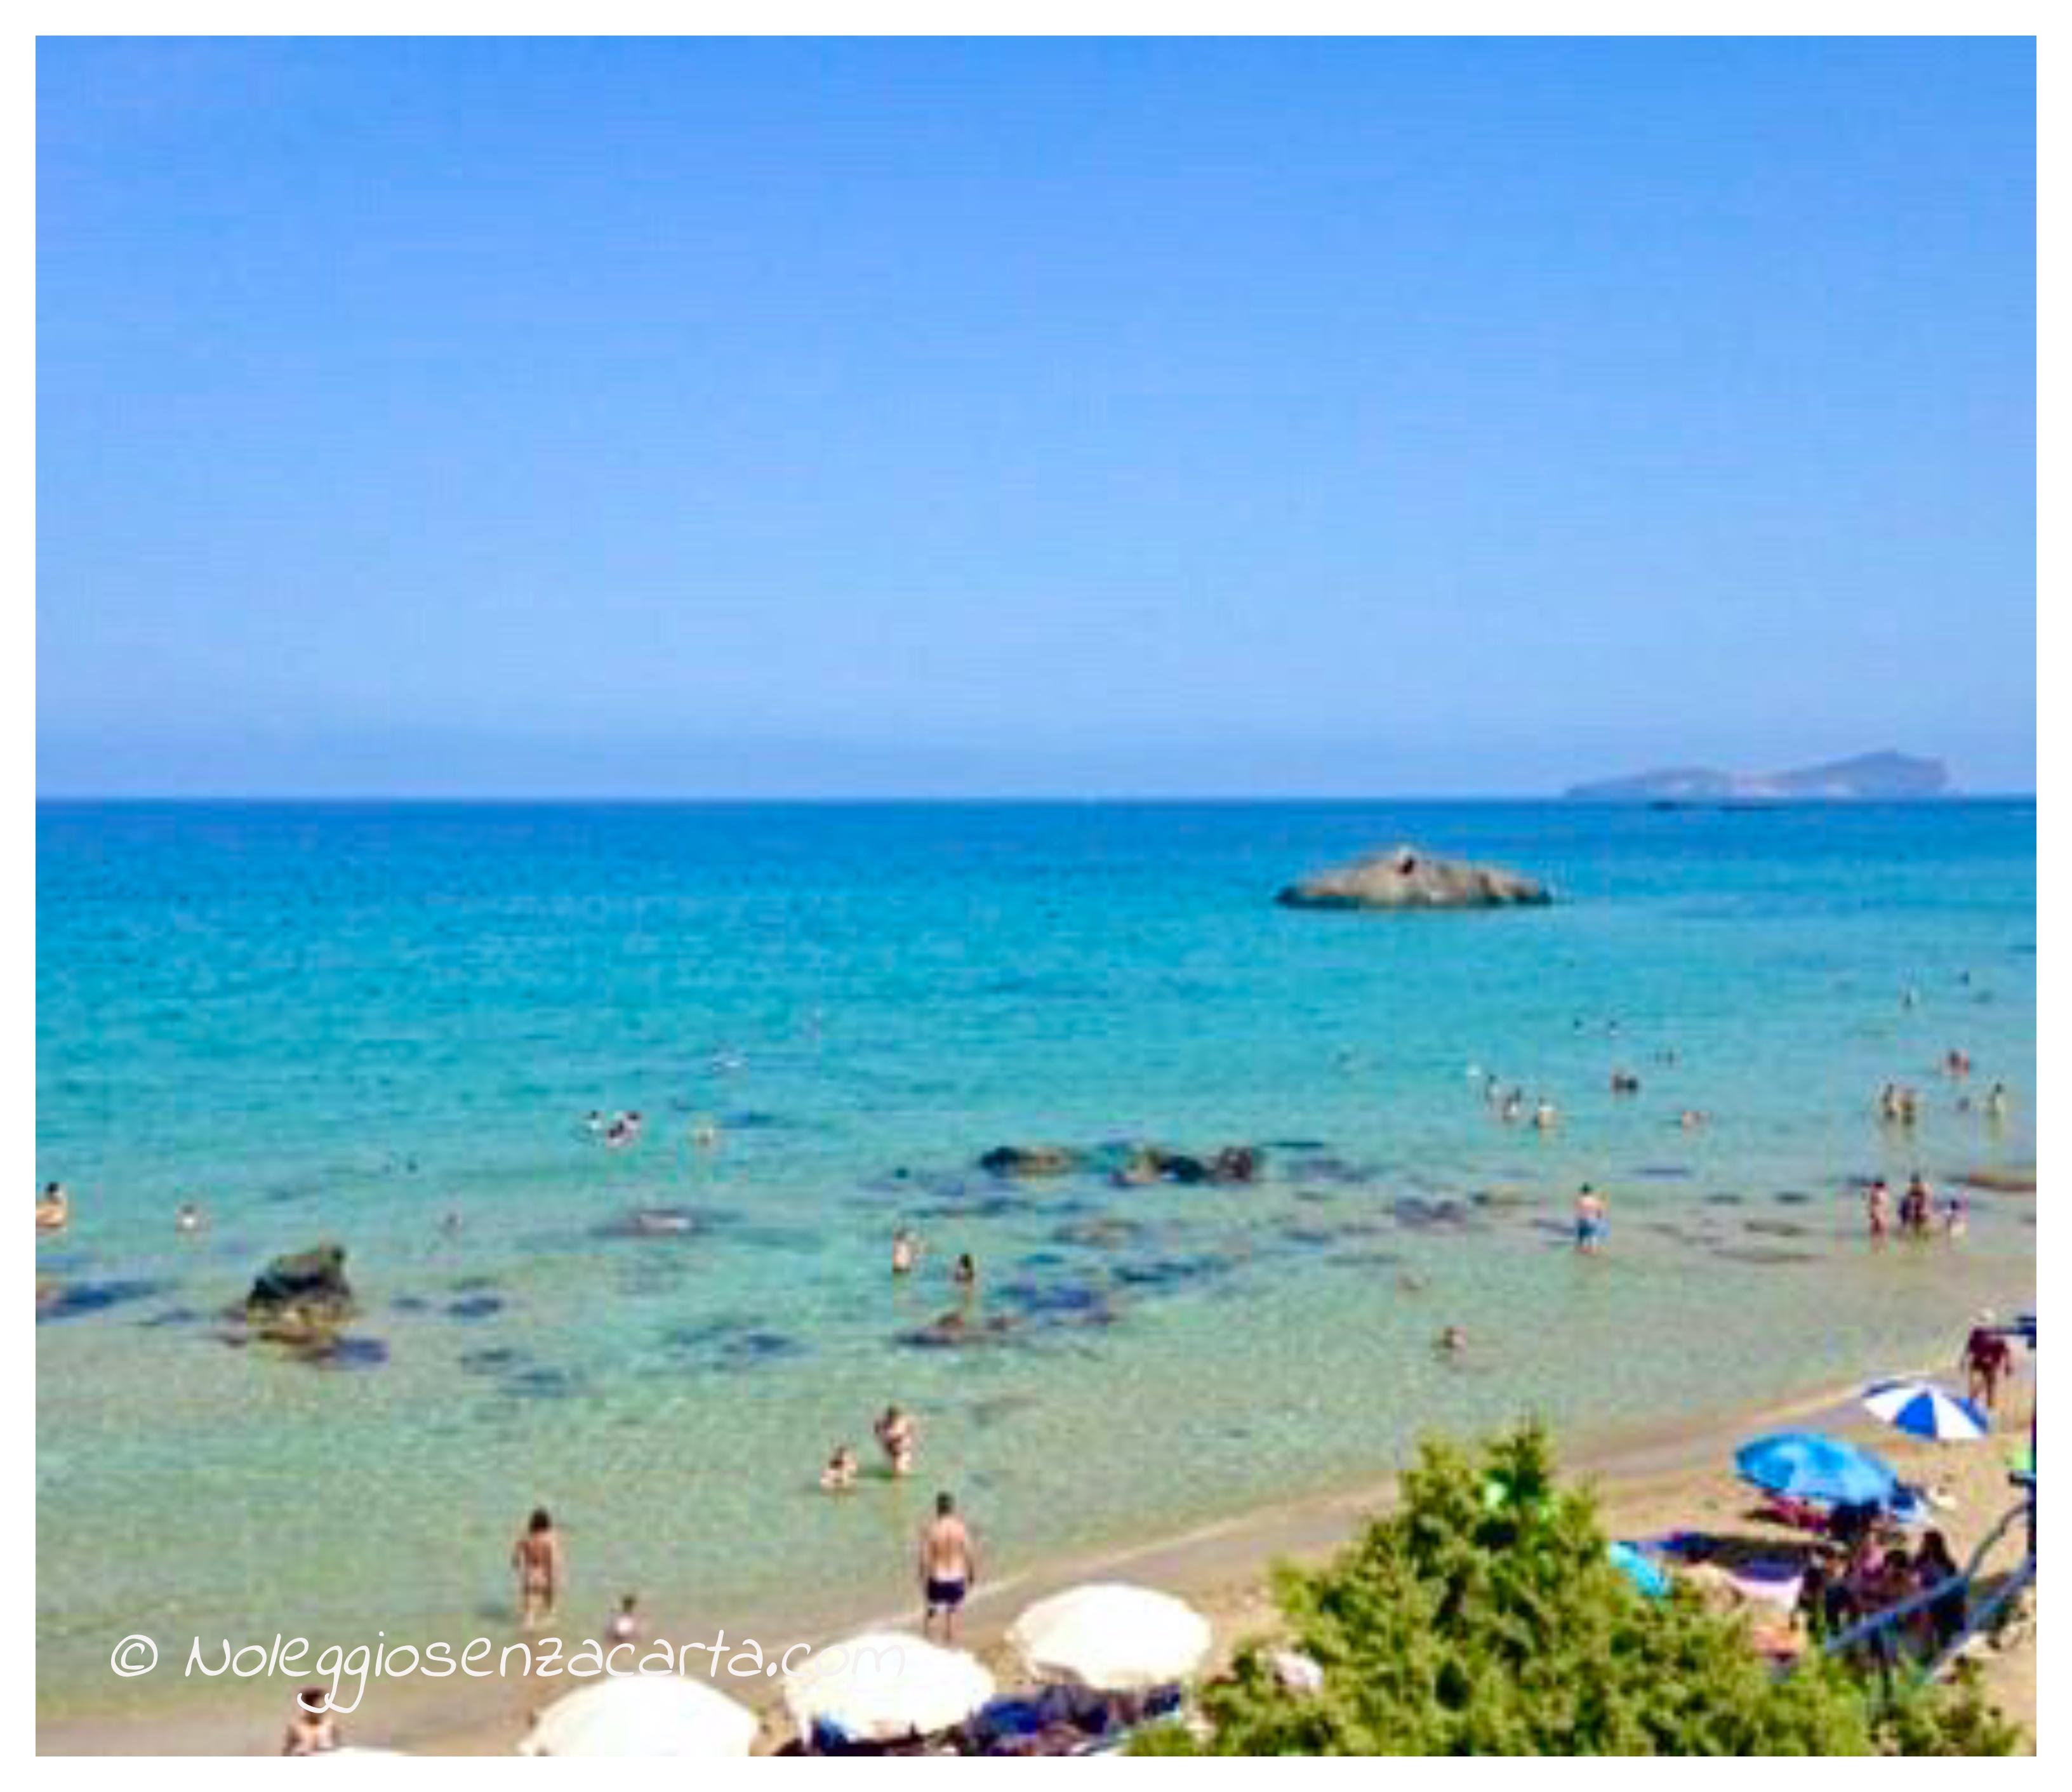 Noleggiare auto senza carta di credito a Ibiza